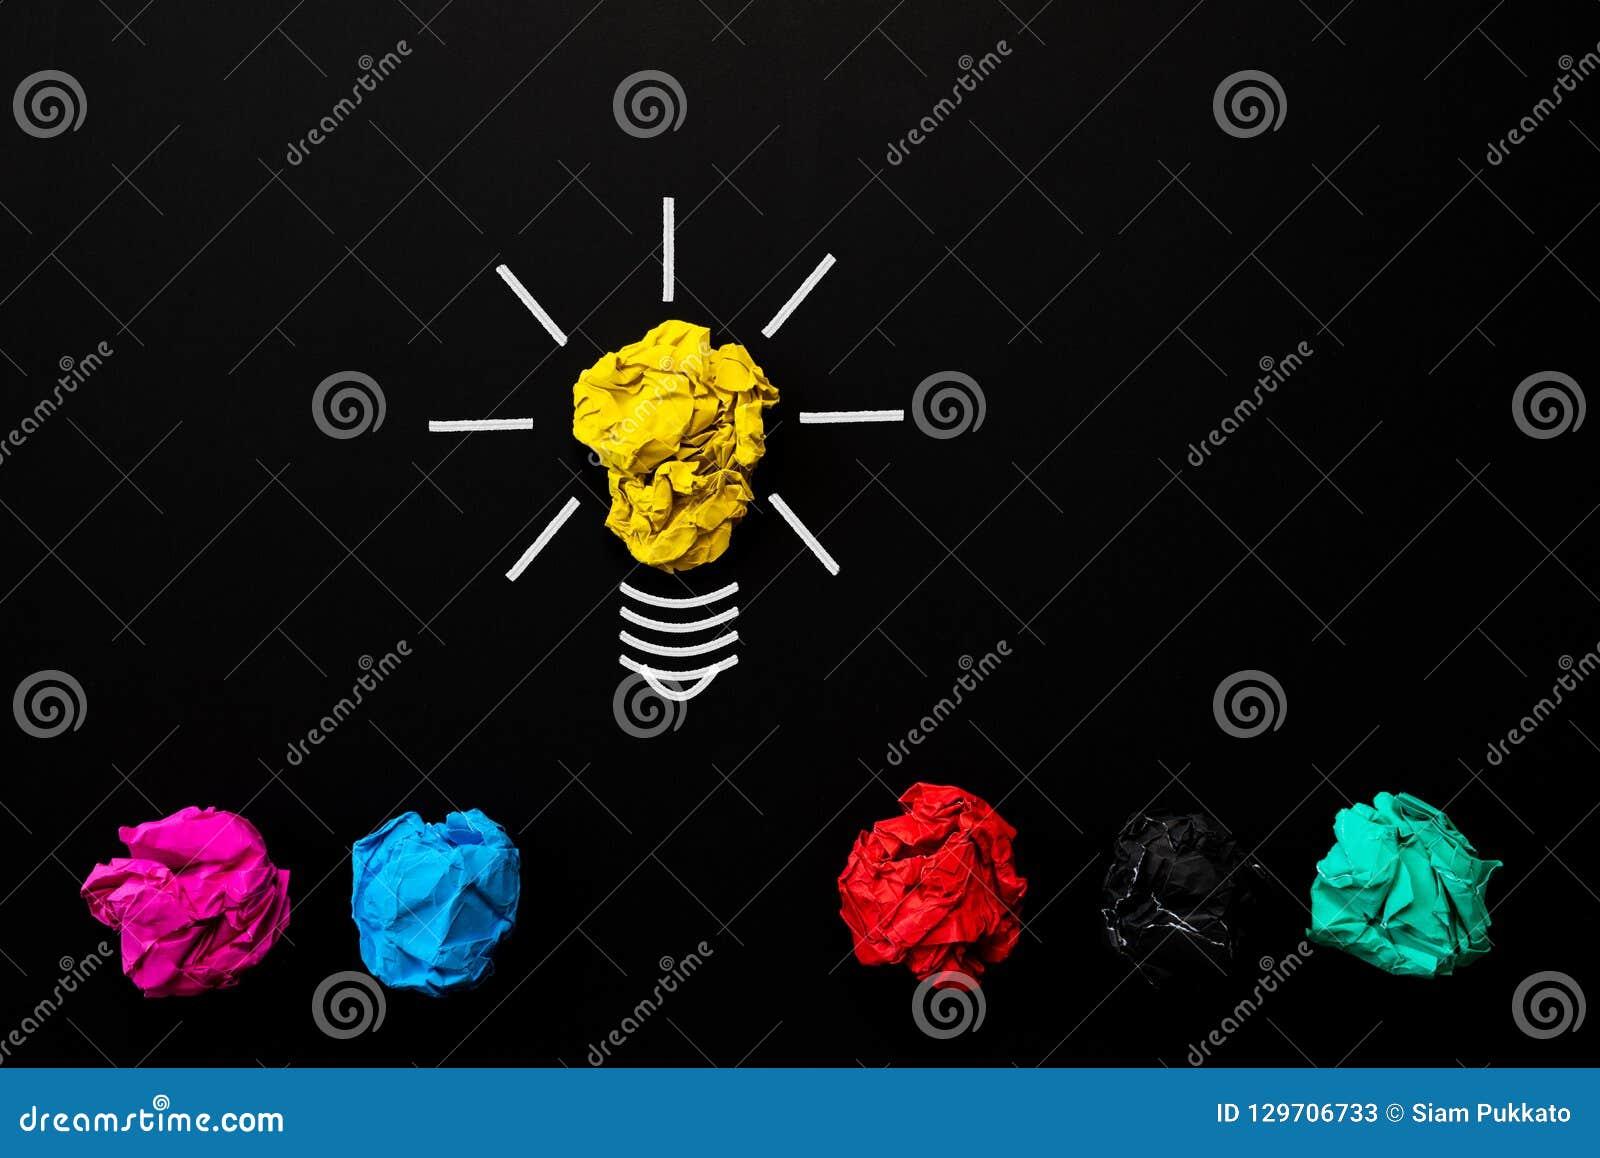 Begrepp för inspiration och för stor idé ljus kula med skrynkligt